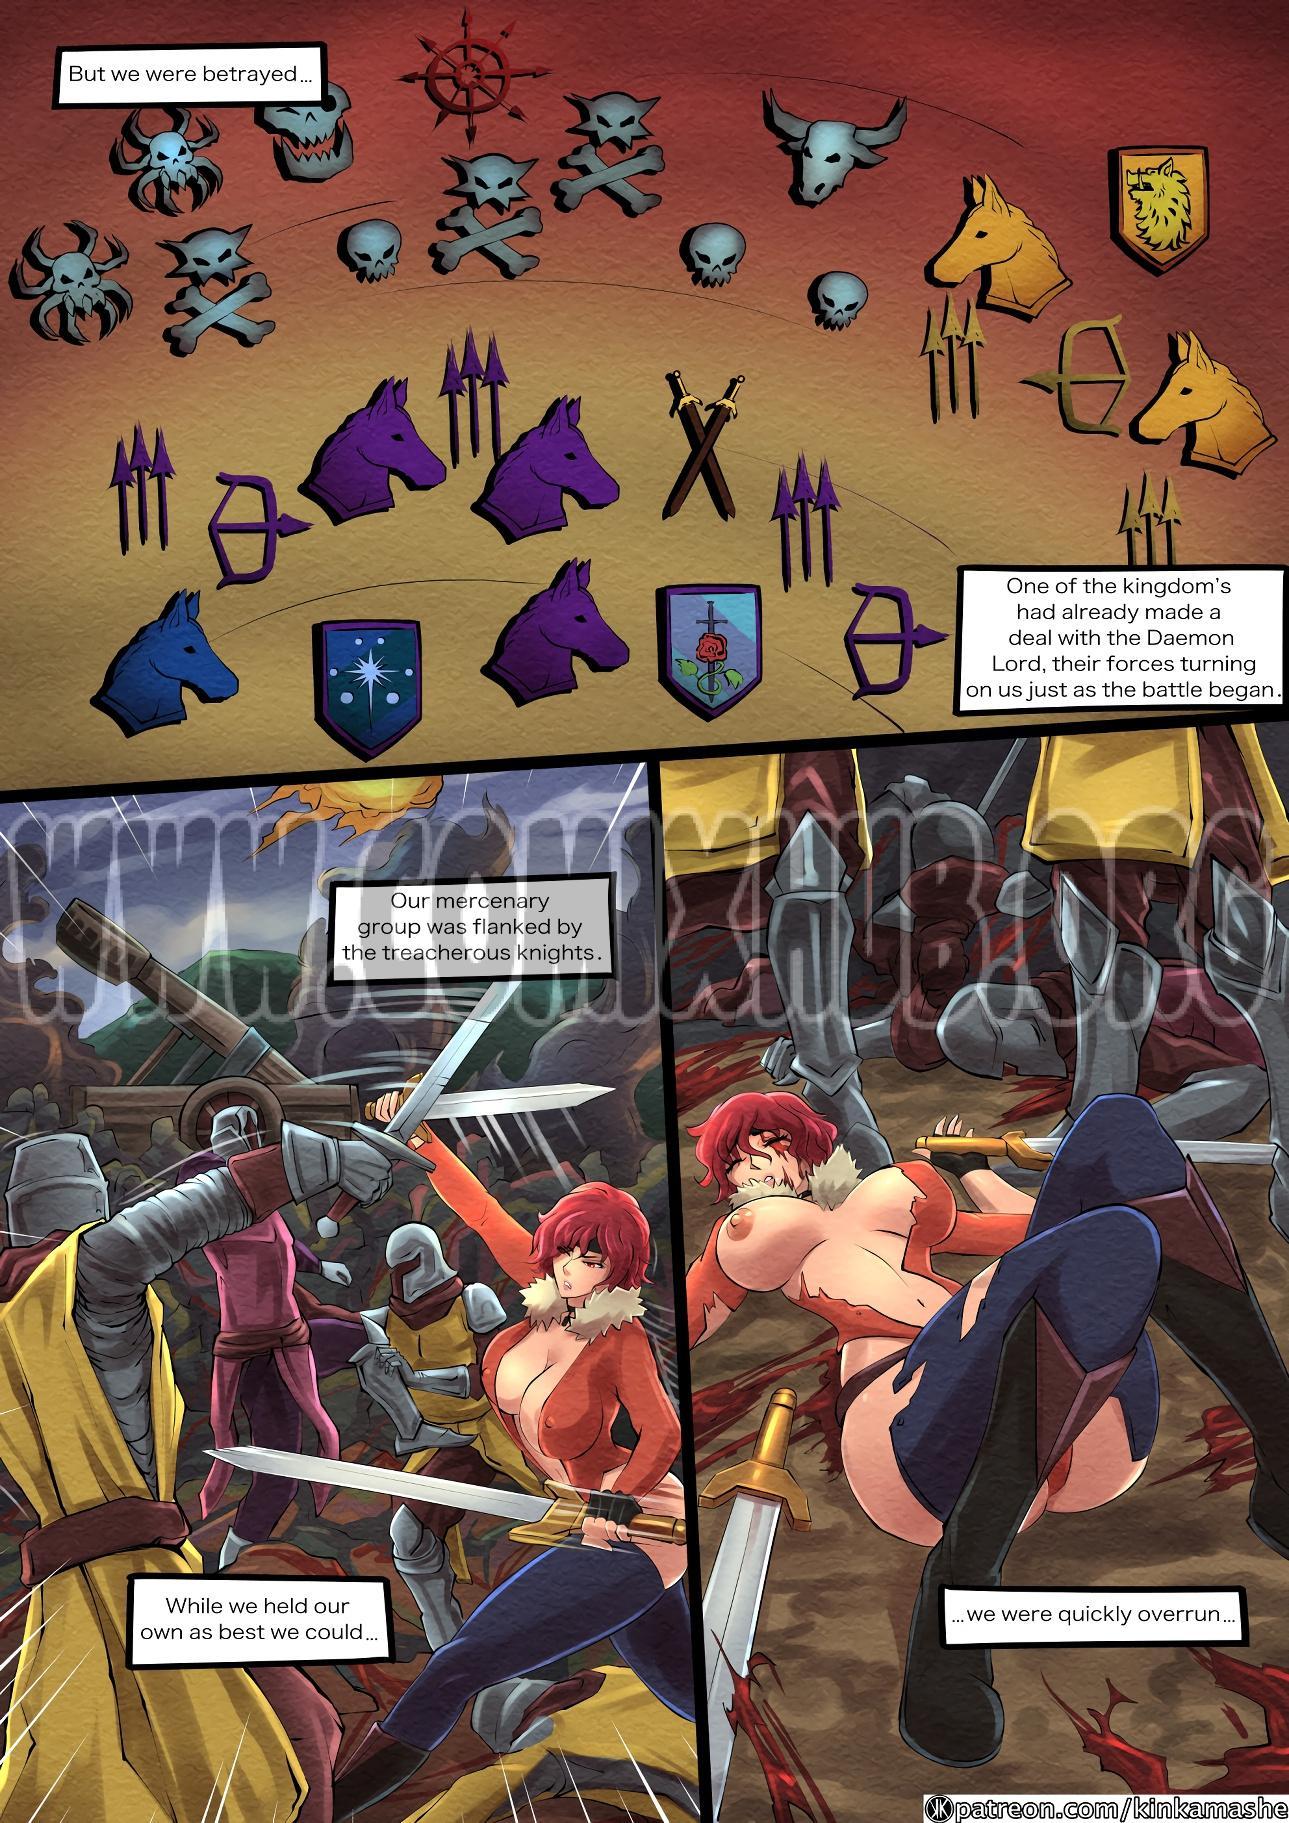 Mercenary Breeder Straight, Creampie, Elf, Fantasy, Group Sex, Monster Girls, Pregnant, Rape